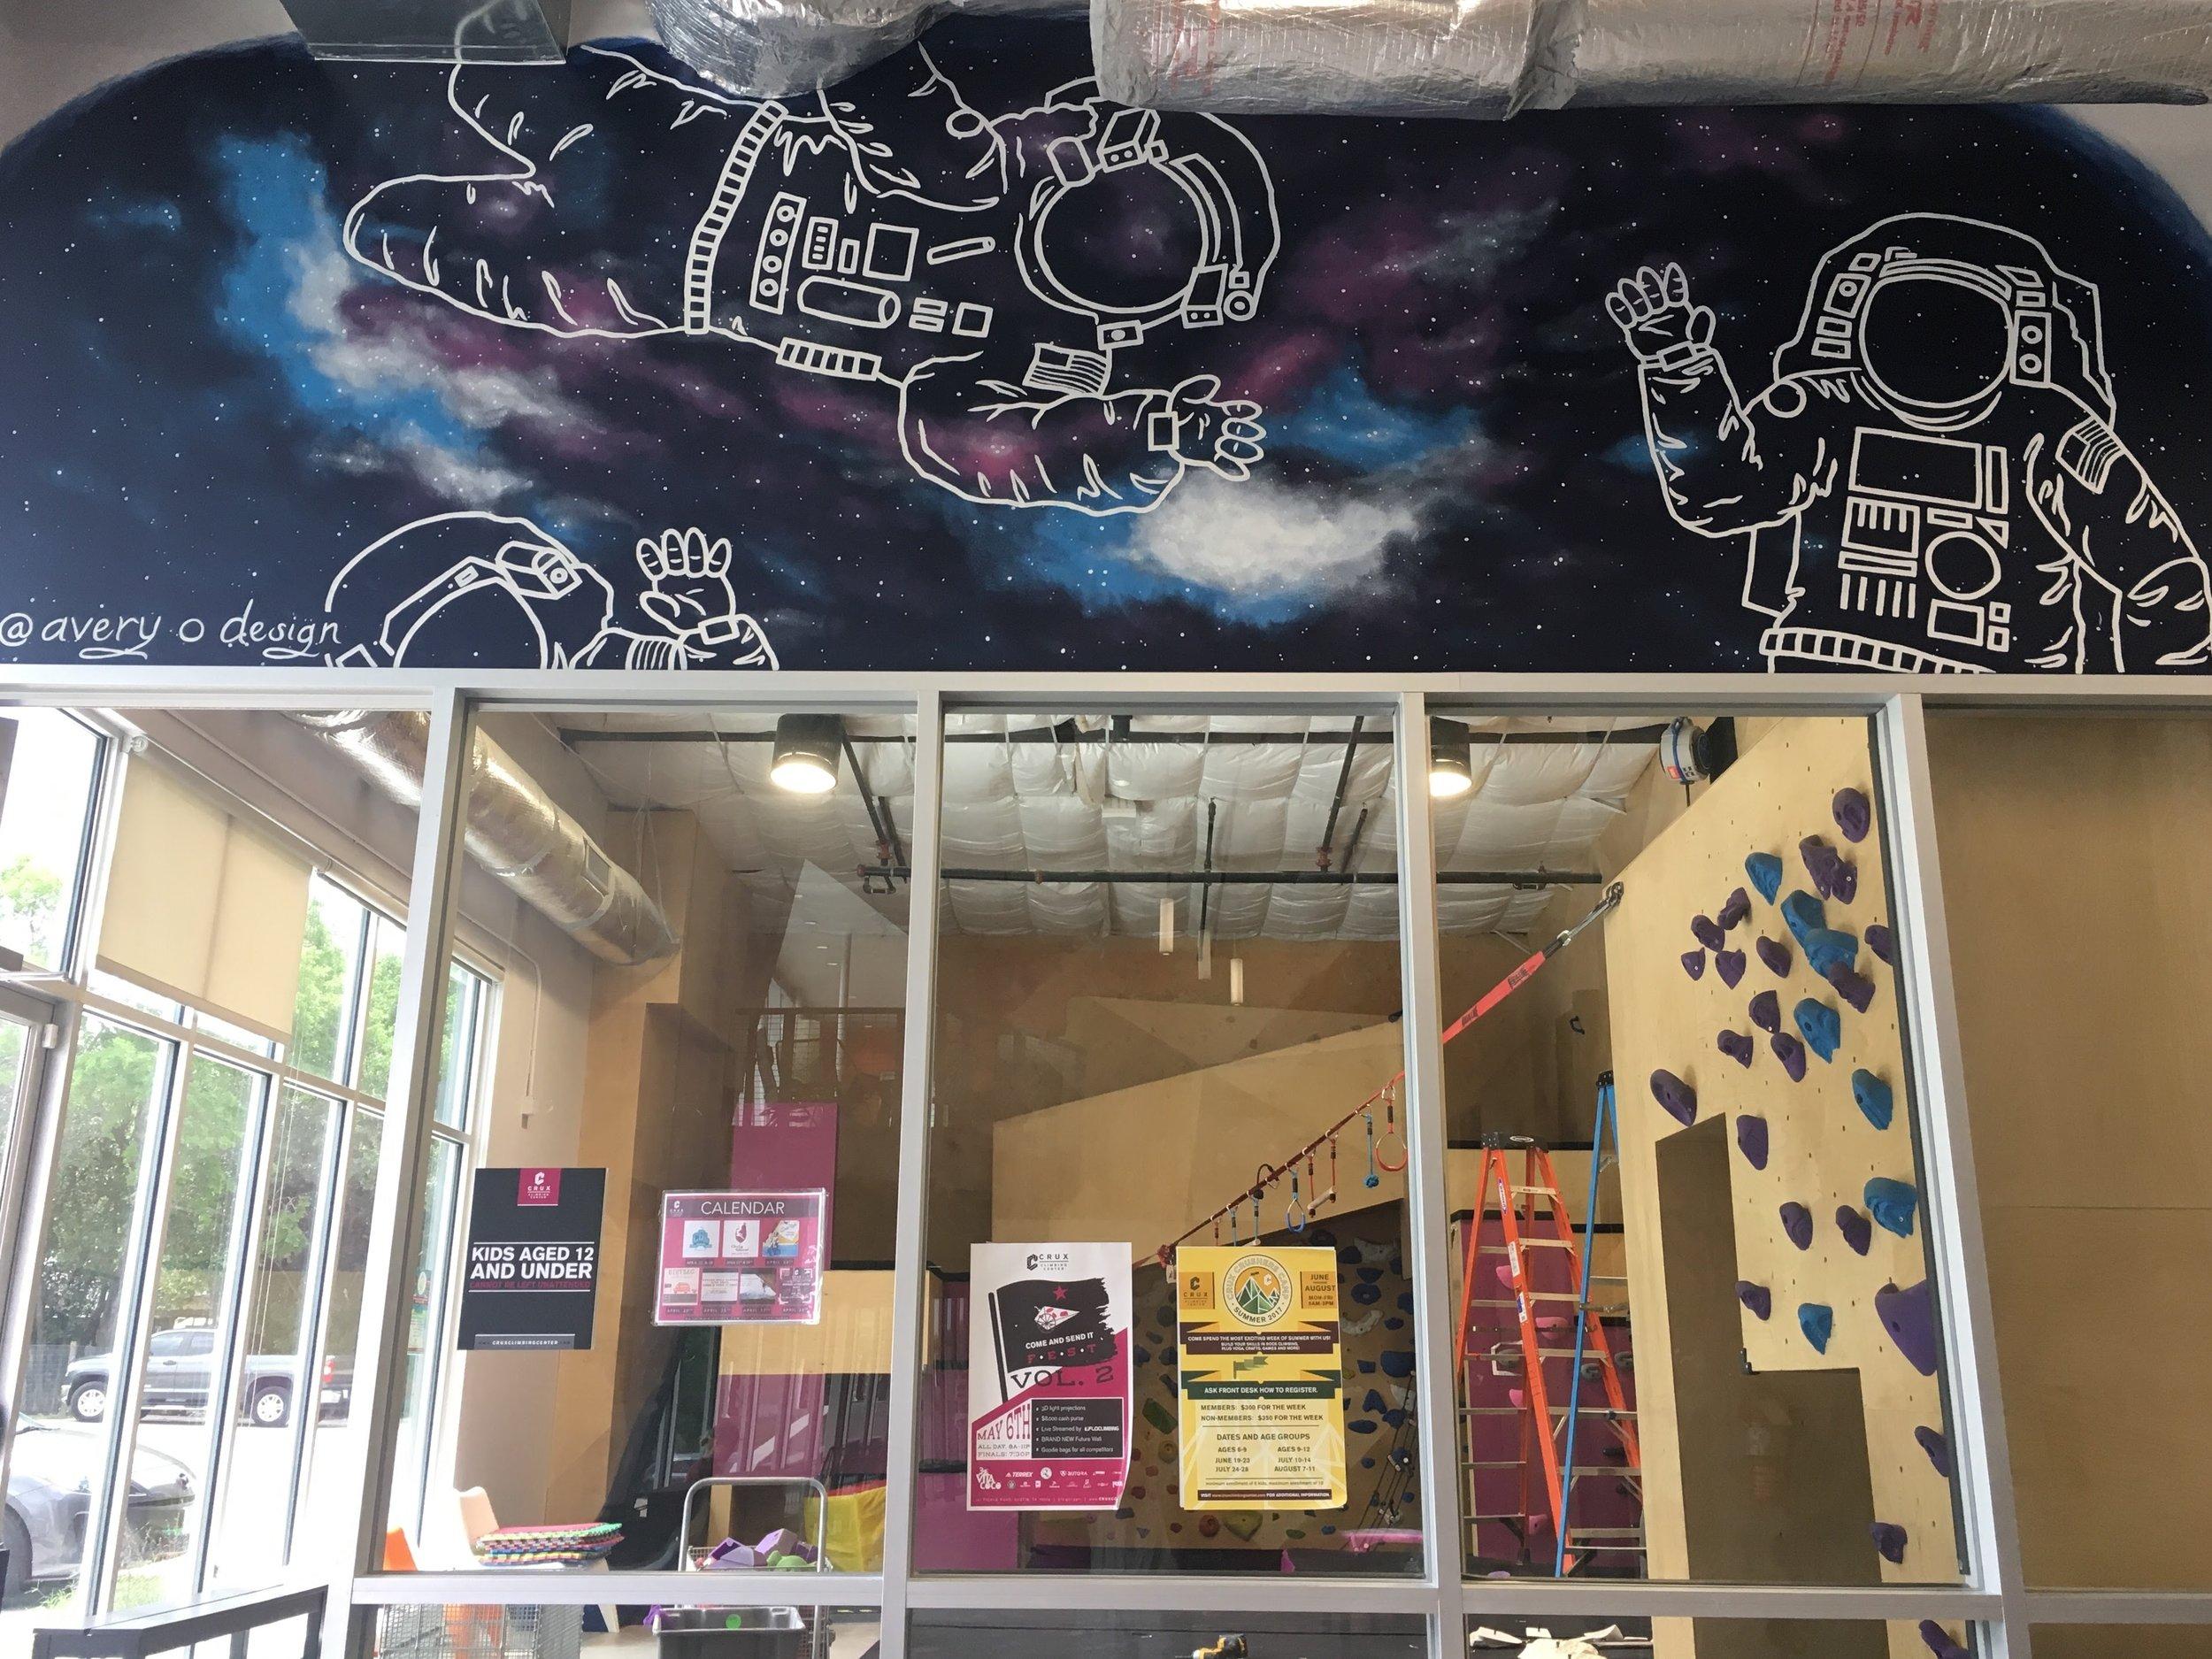 Crux Climbing Gym Mural, Austin